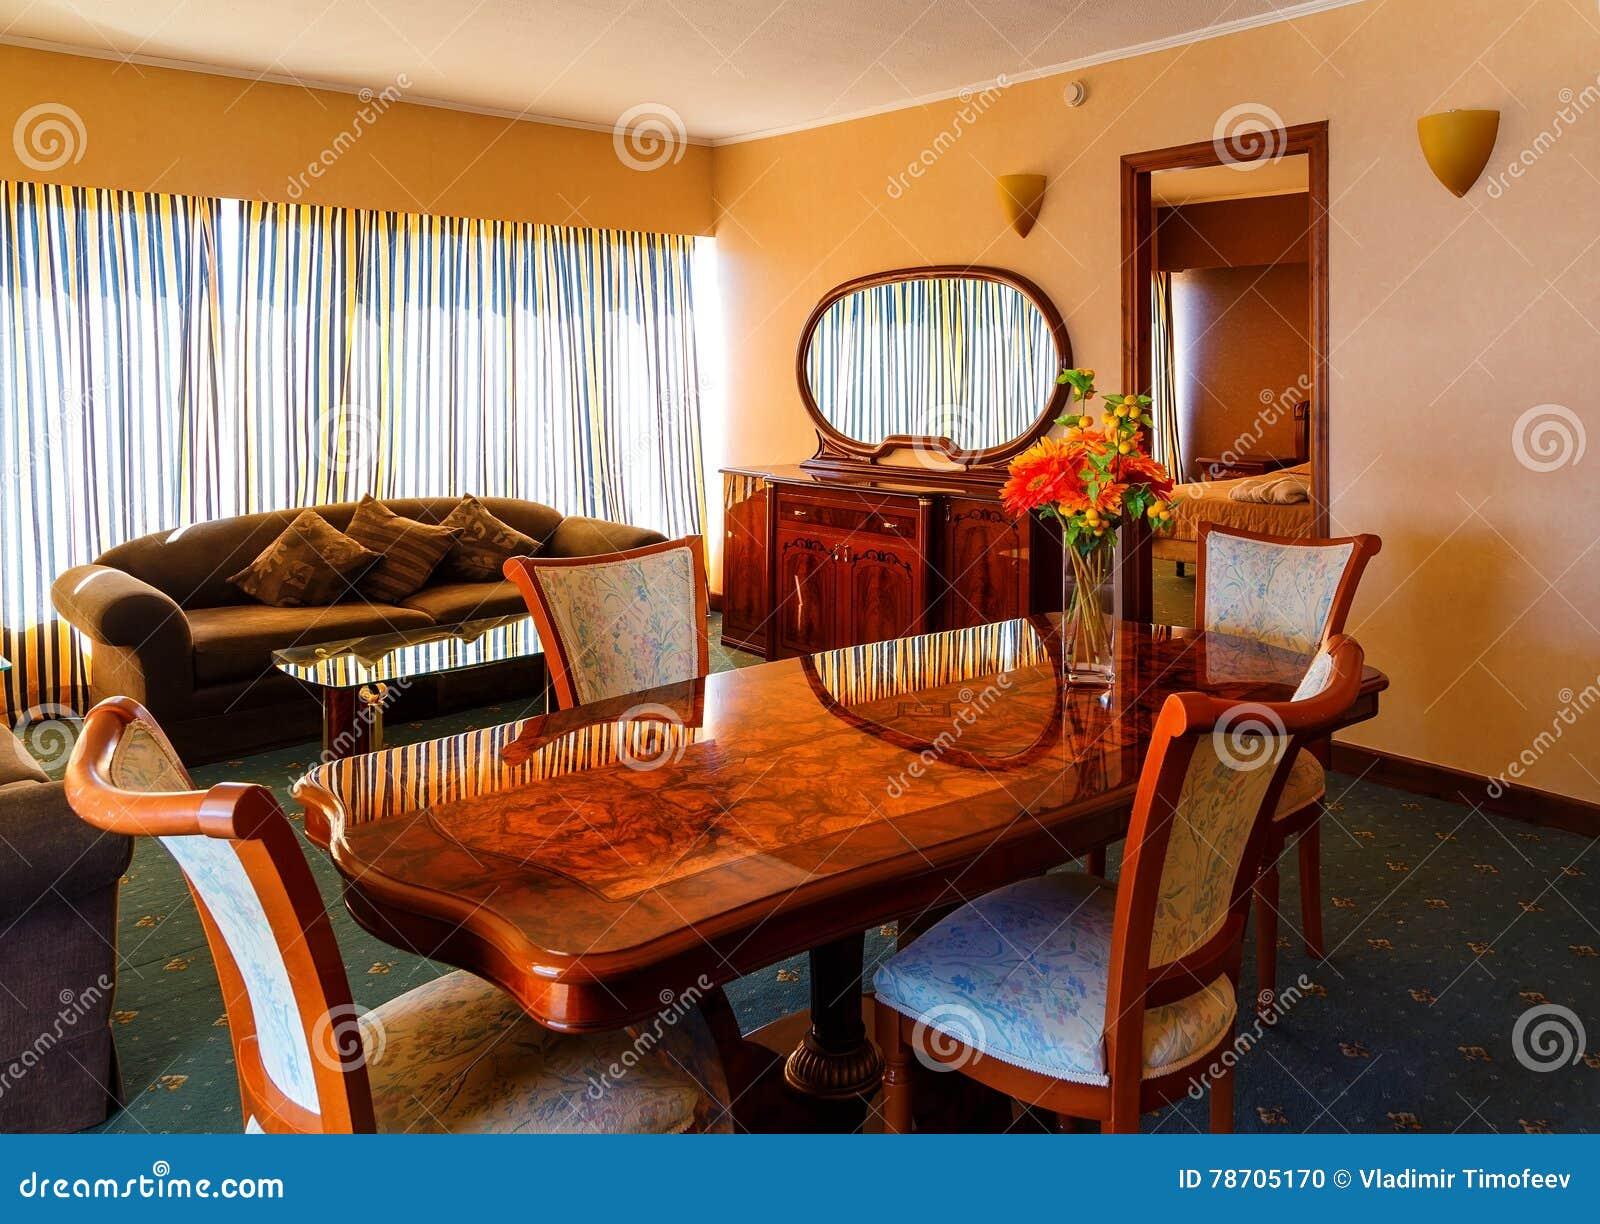 Bureau Antique Dans La Chambre D\'hôtel De Luxe Photo stock - Image ...